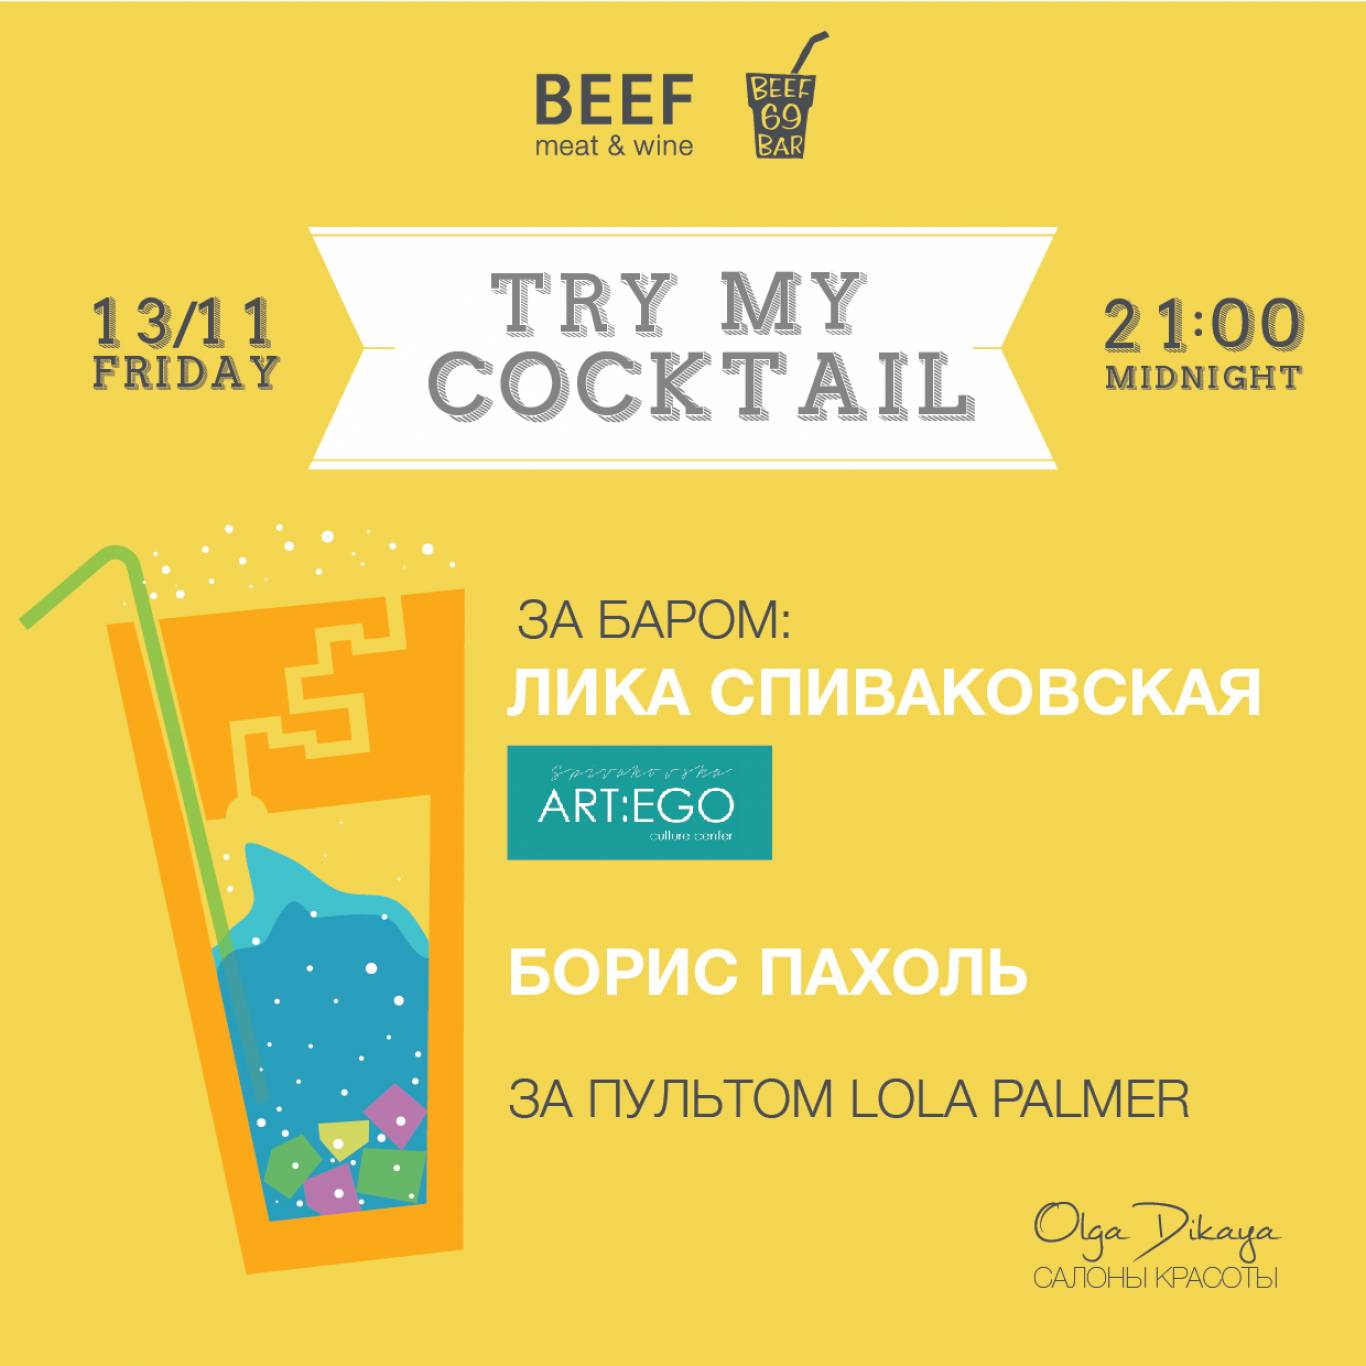 Try My Cocktail: Ліка Співаковська та Борис Пахоль в BEEF BAR 69